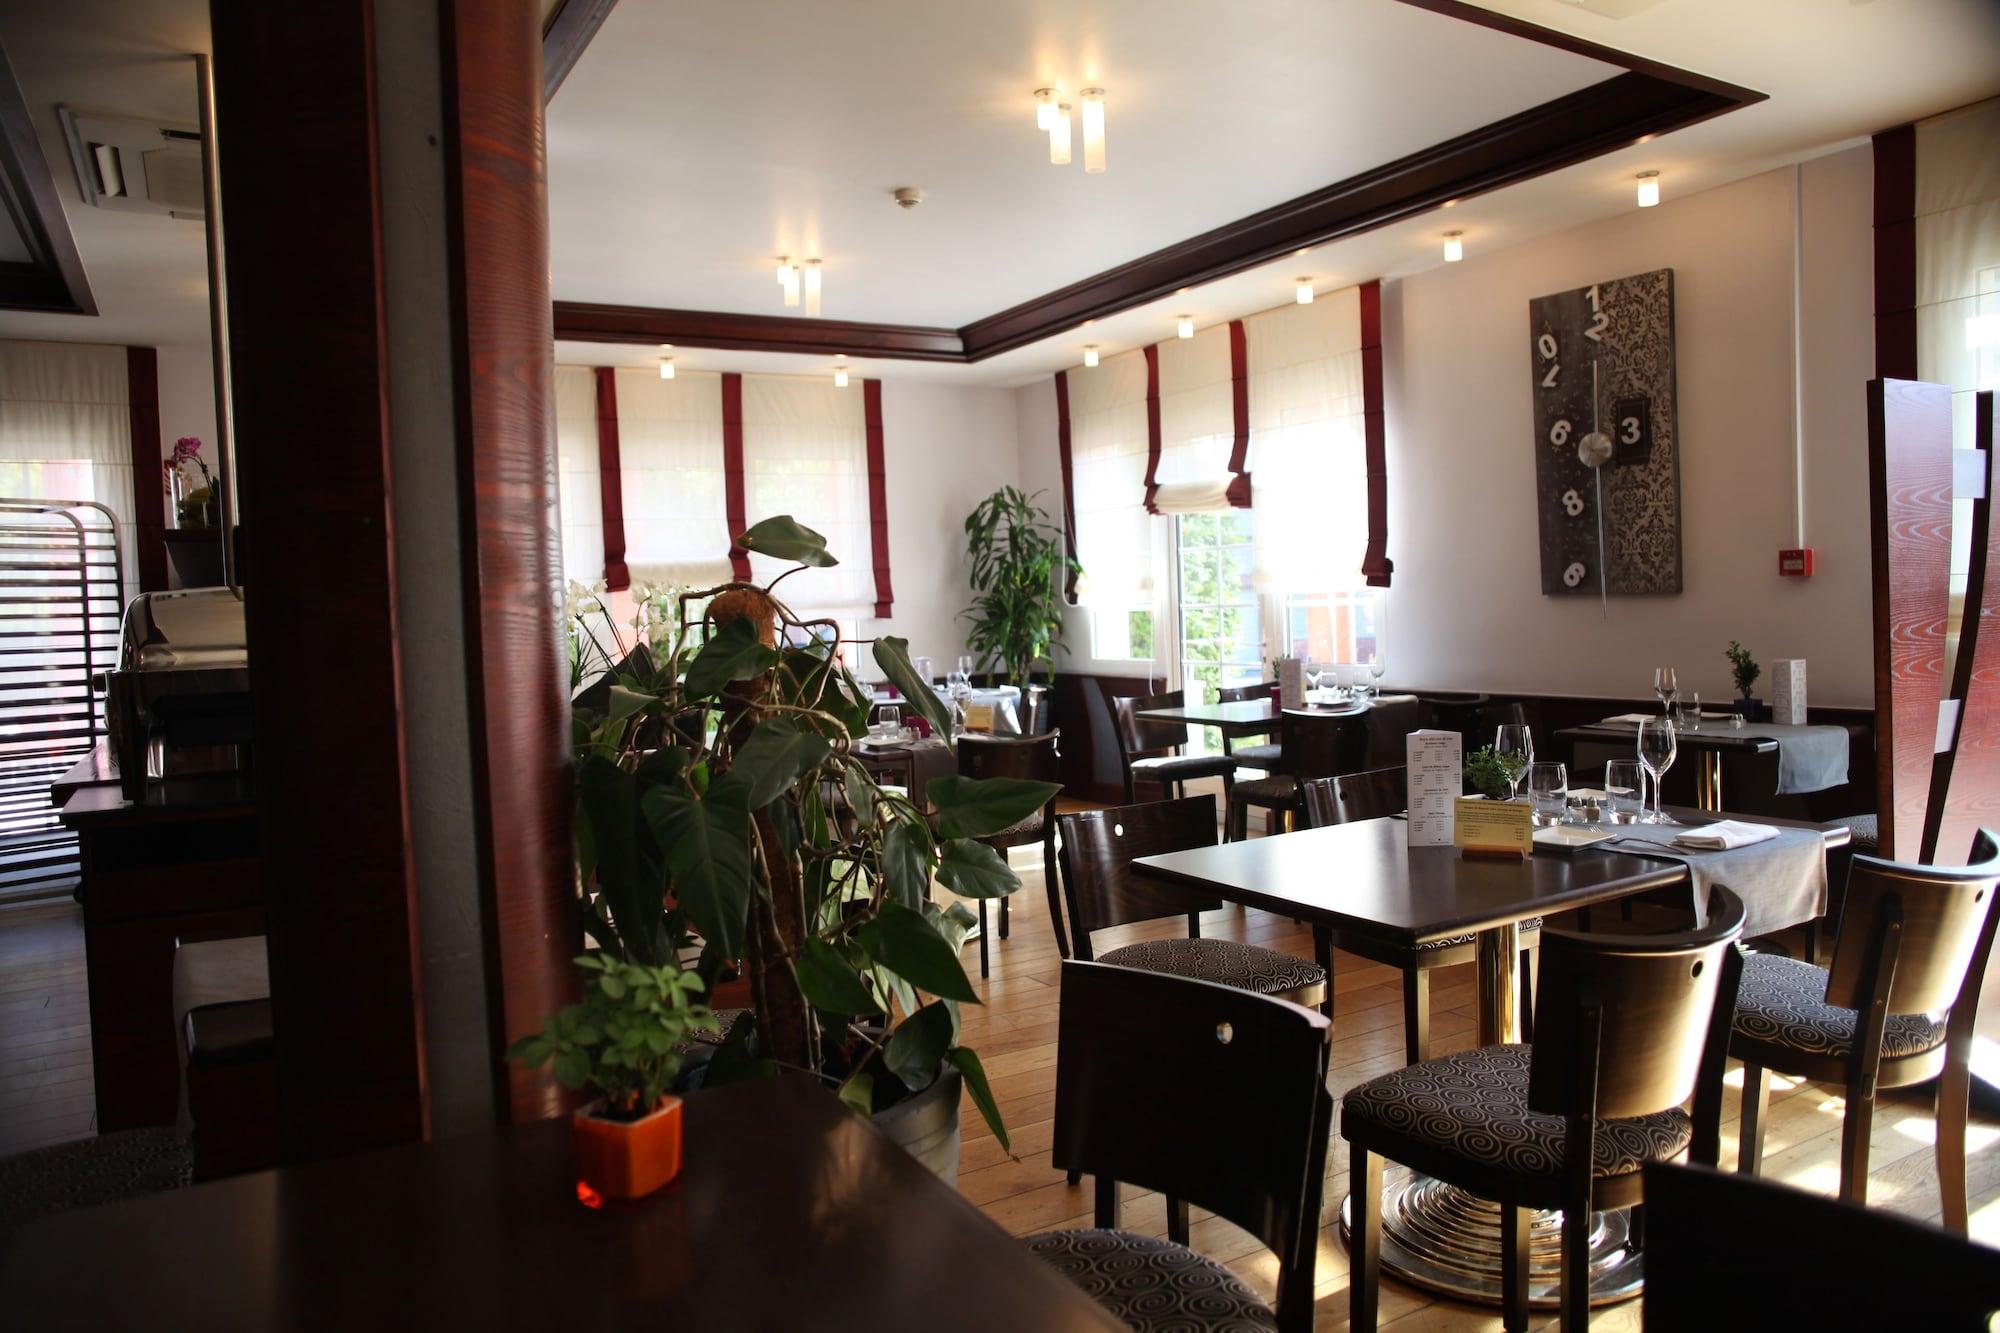 Hôtel-Restaurant Cottage, Esch-sur-Alzette